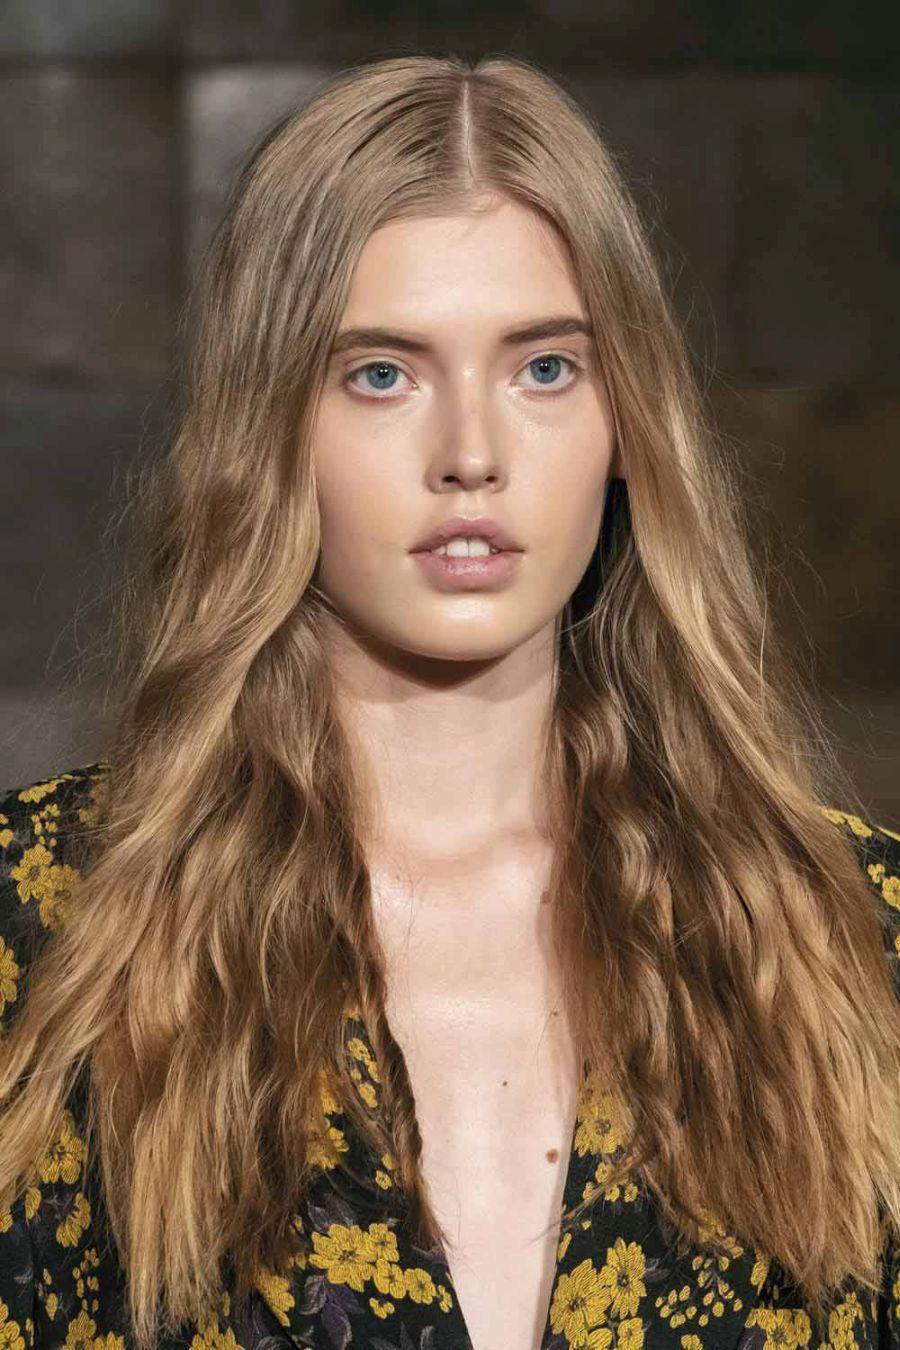 Un look impactante con peinados vascos Imagen De Cortes De Pelo Tendencias - Fotos: 7 peinados para 7 días de la semana | El Diario Vasco